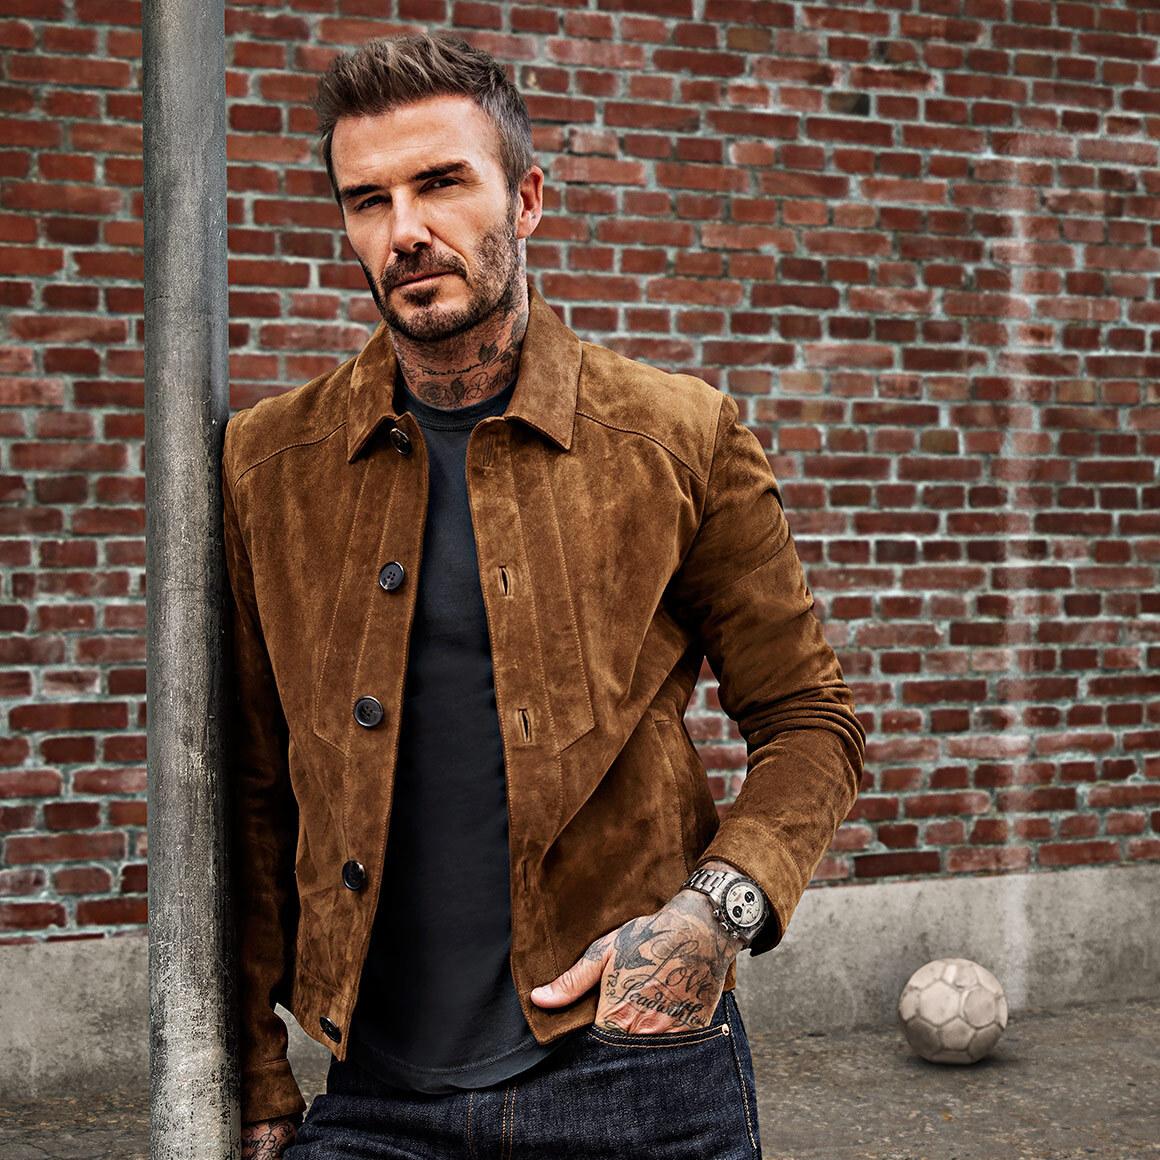 Image David Beckham